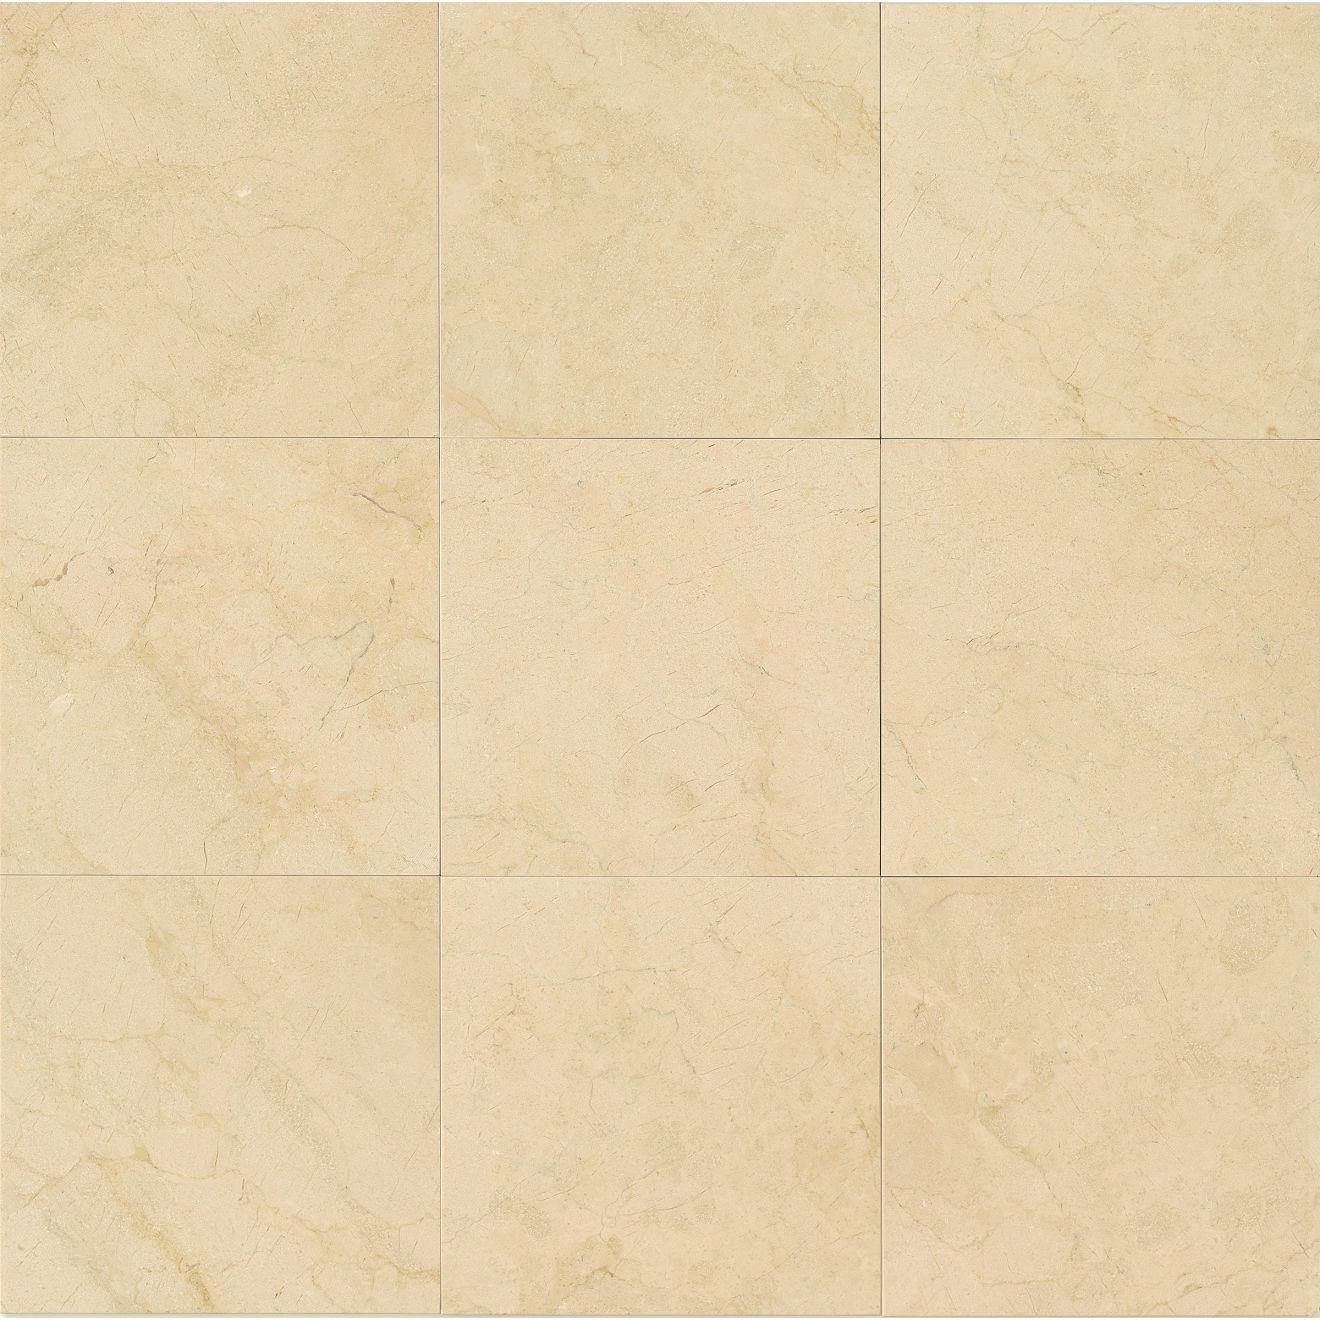 """Crema Marfil Select 12"""" x 12"""" Floor & Wall Tile"""